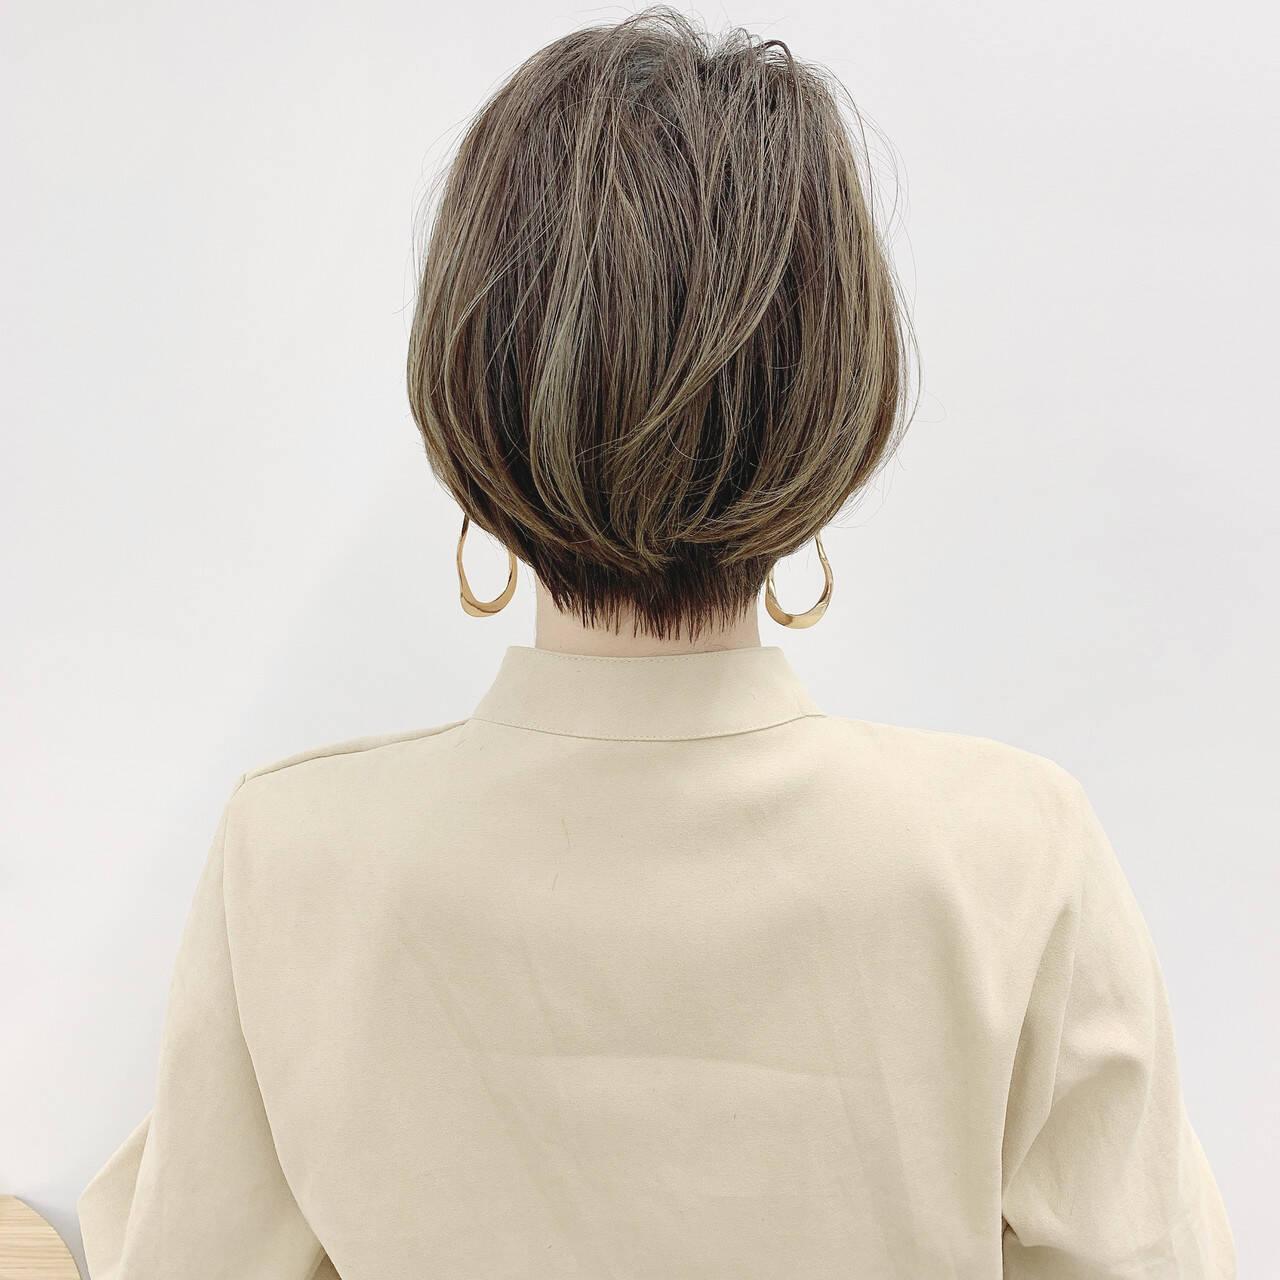 ナチュラル ショートヘア ショートボブ ショートヘアスタイルや髪型の写真・画像